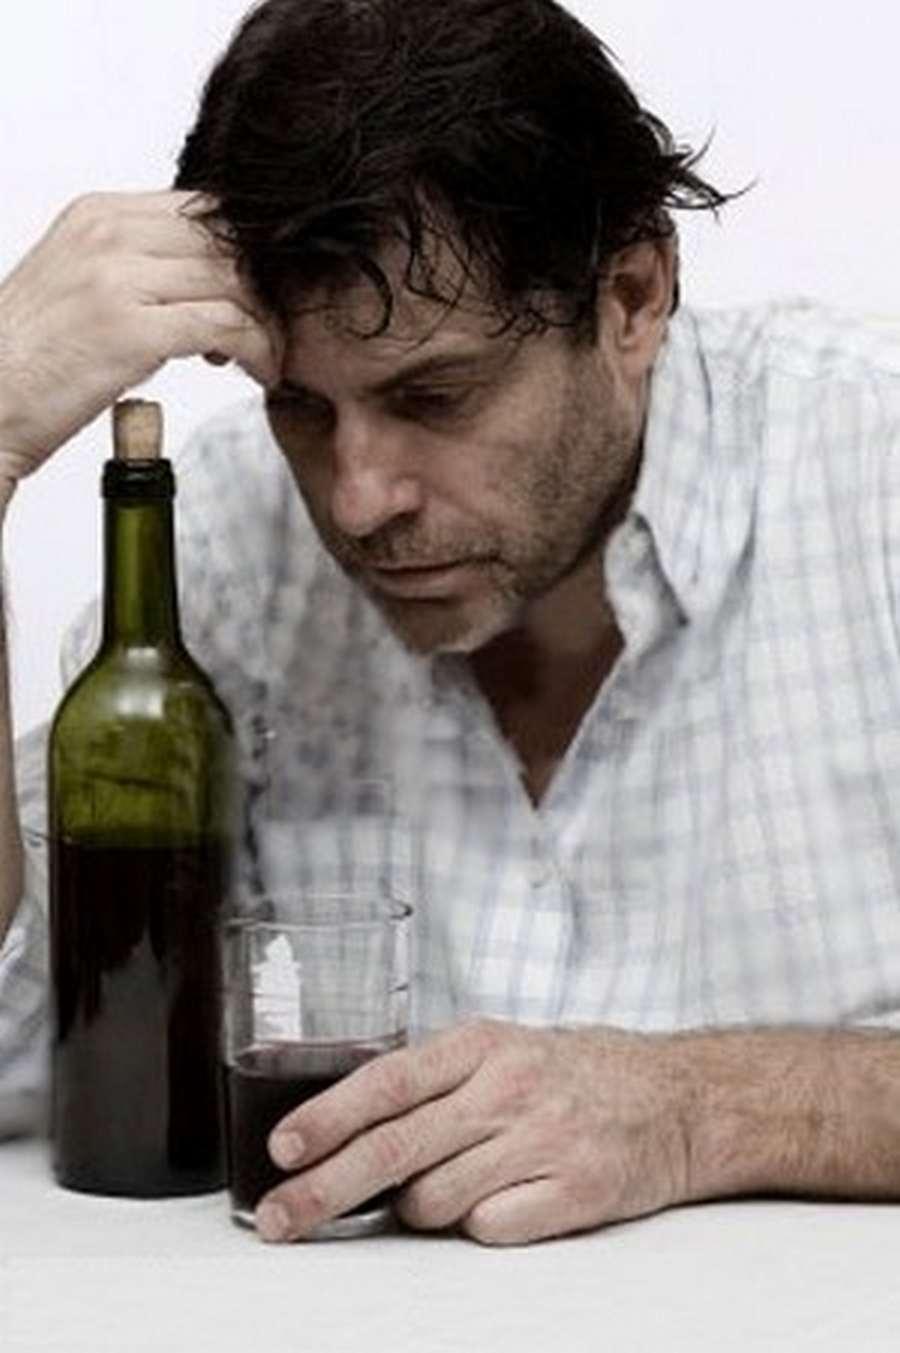 Алкоголь, чем опасно употребление алкоголя, проявления действия и передозировка алкоголя, допустимые дозы алкоголя, абстинентный синдром, общение с алкоголиком.